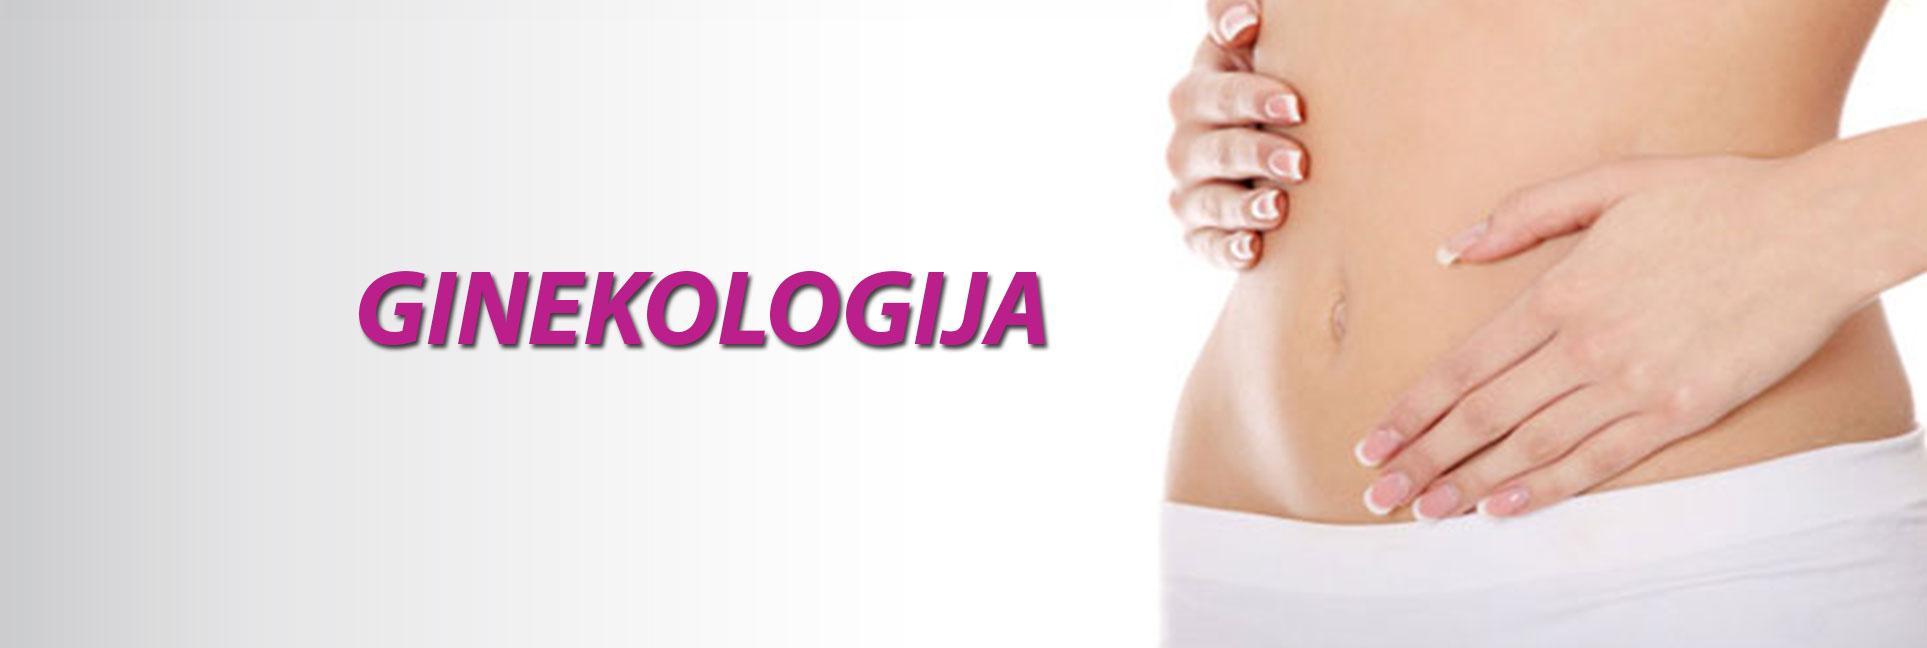 ginekologija-v